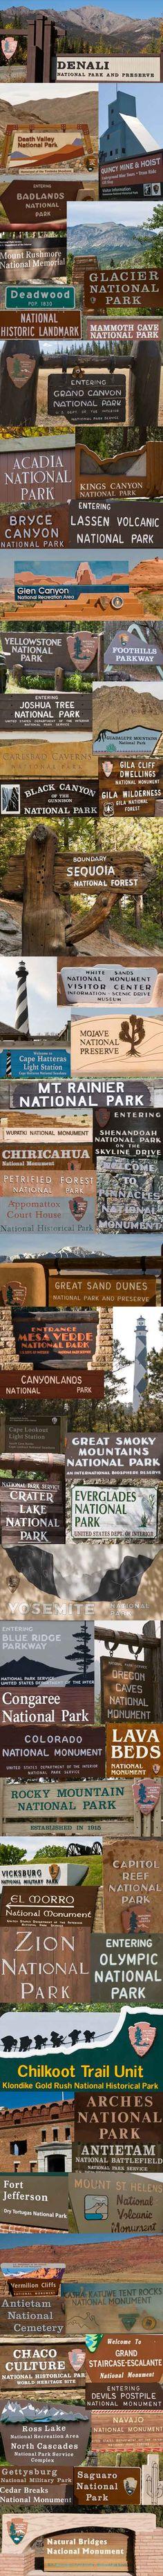 best colorado national parks images on pinterest national parks